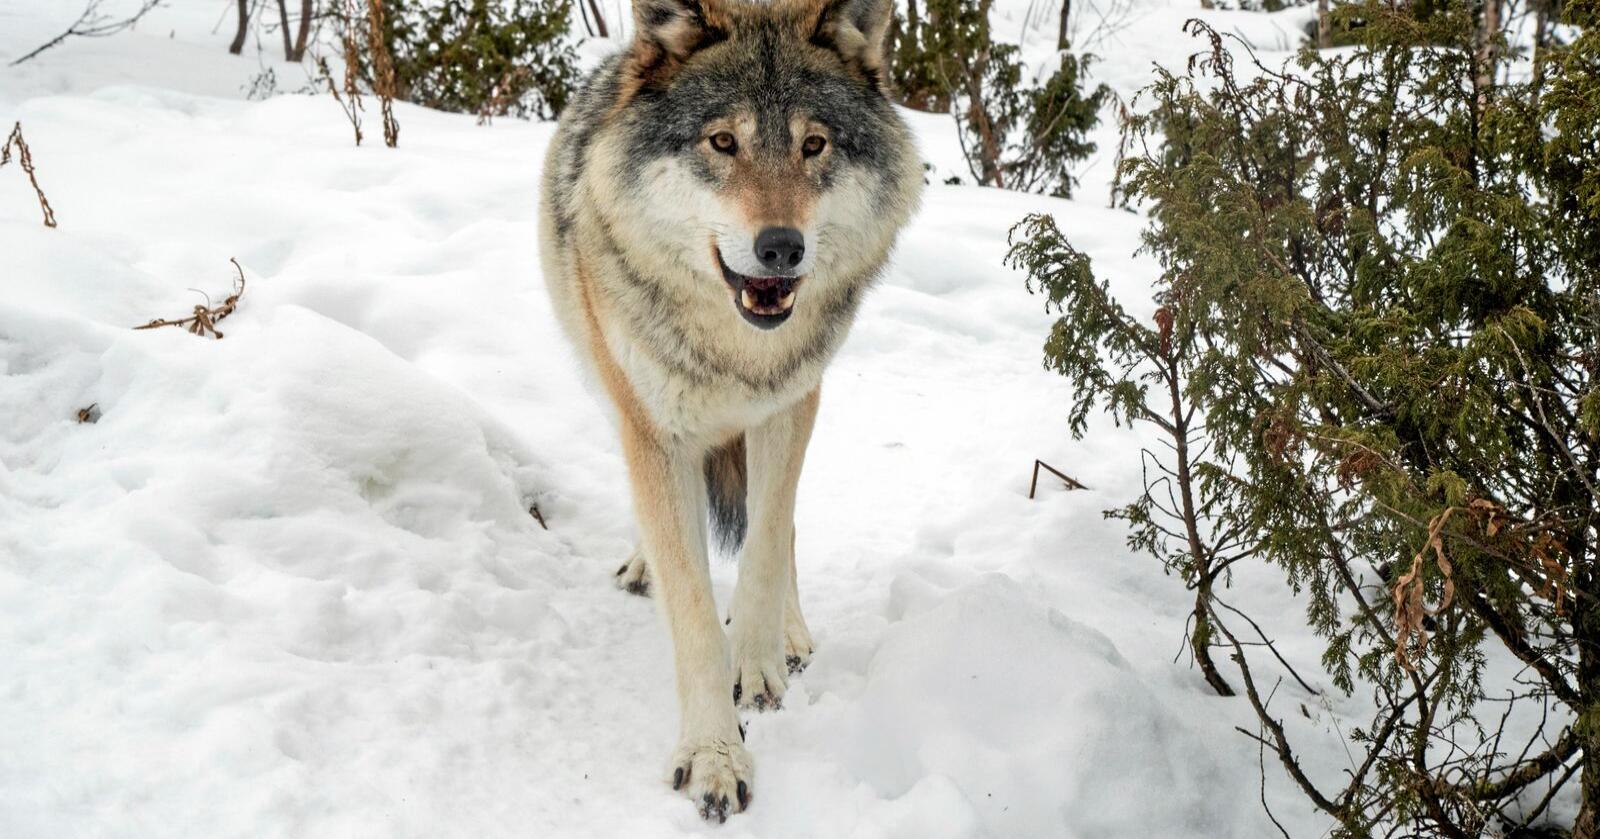 Ulven er omstridt, det kommer til uttrykk også i sosiale medier. Foto: Heiko Junge / NTB scanpix